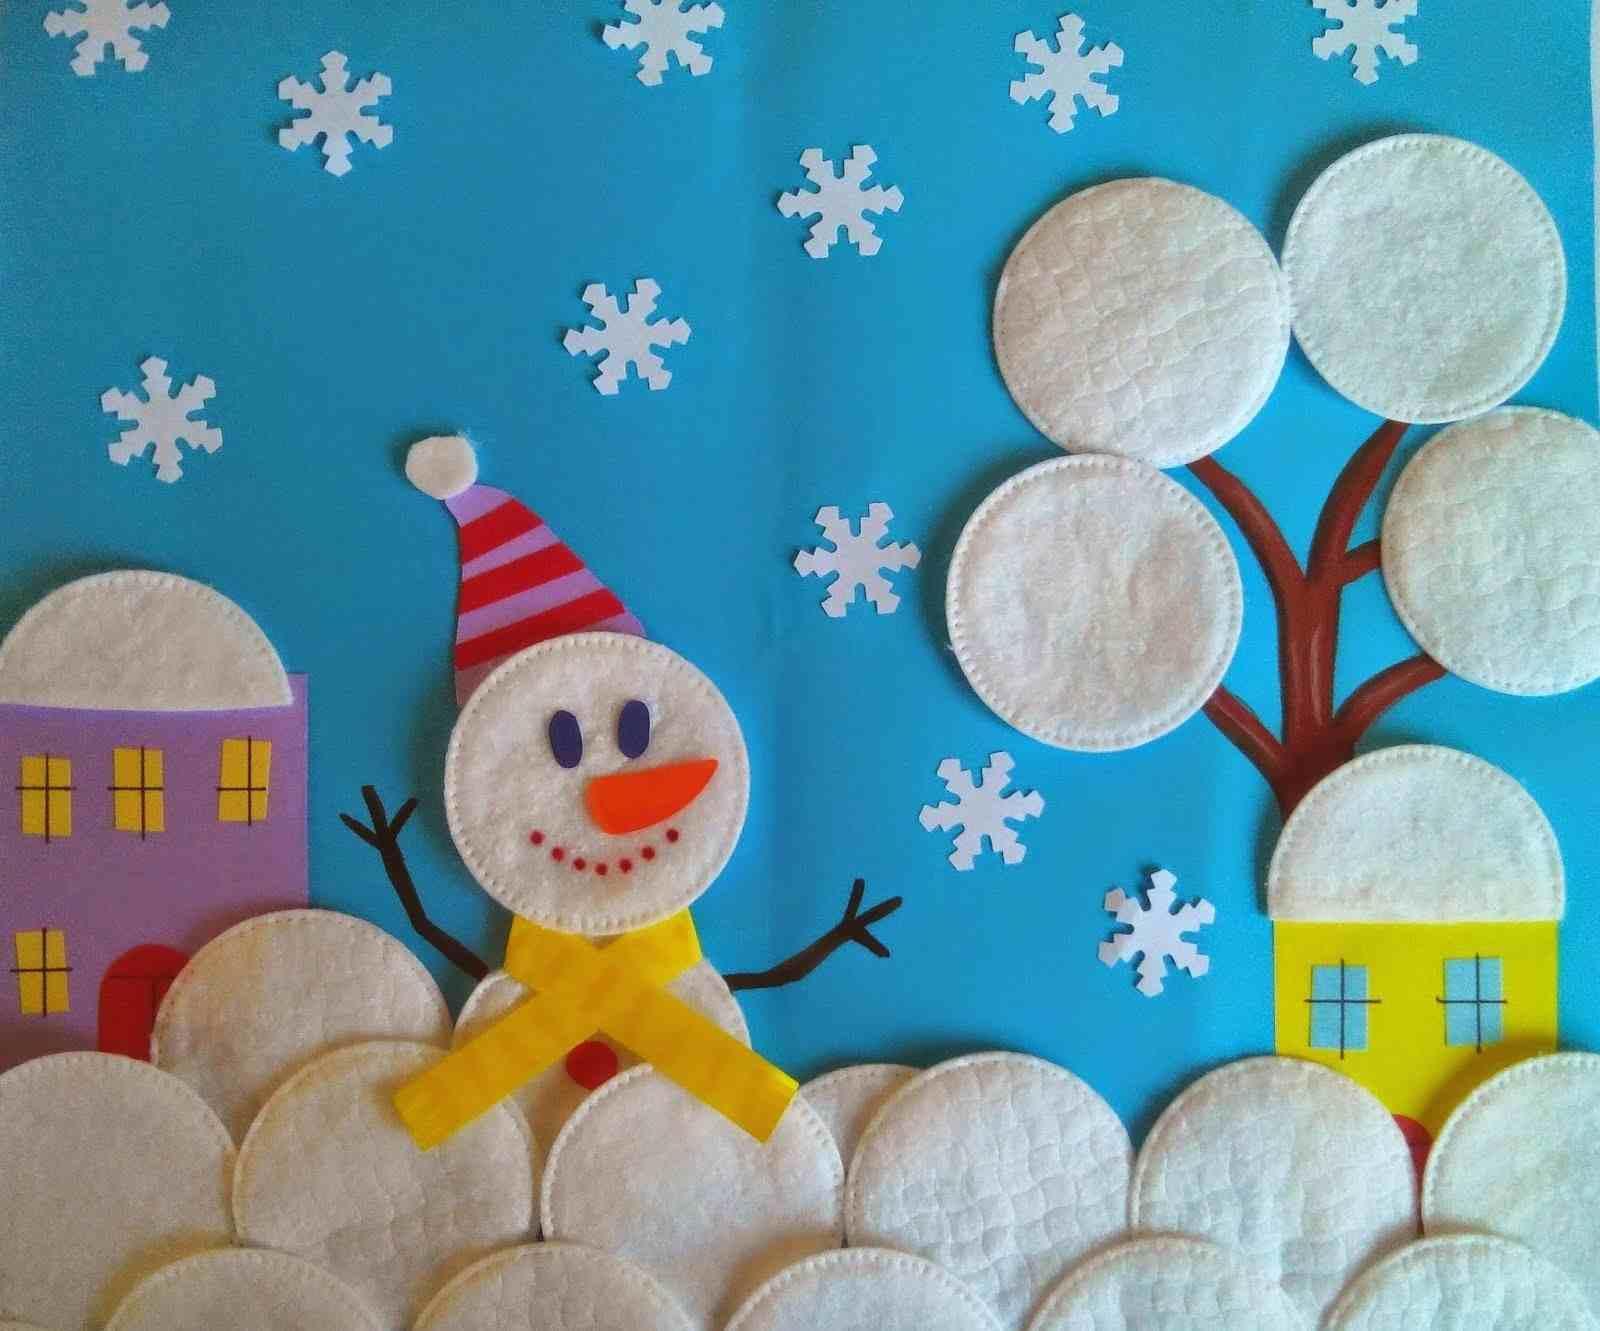 Зимнее панно своими руками для детского сада: зима, тедико панно, развивающее, как сделать на юбилей из природного материала, видео